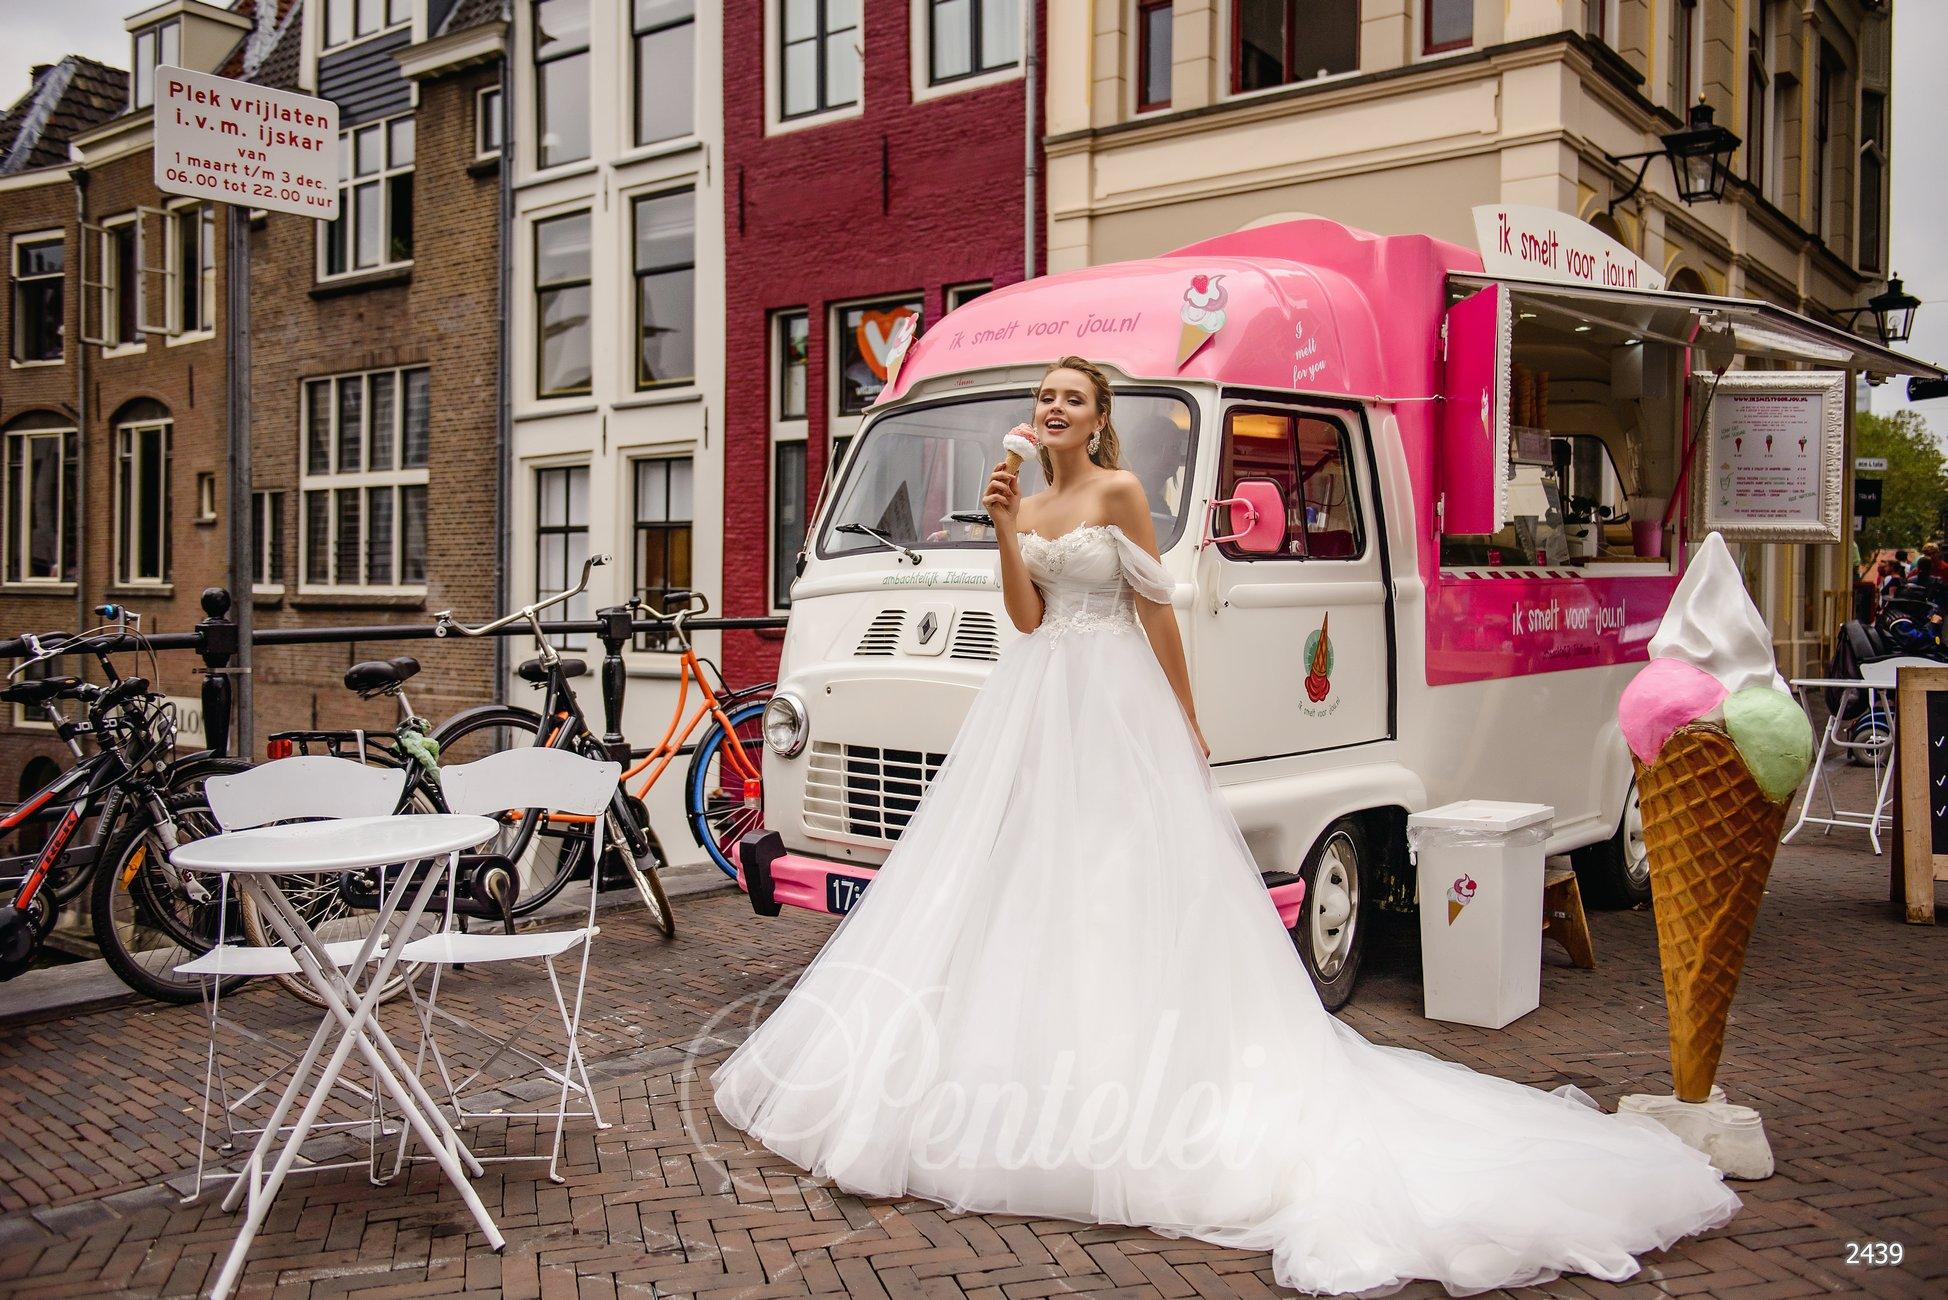 Пышное свадебное платье с опущенными плечиками